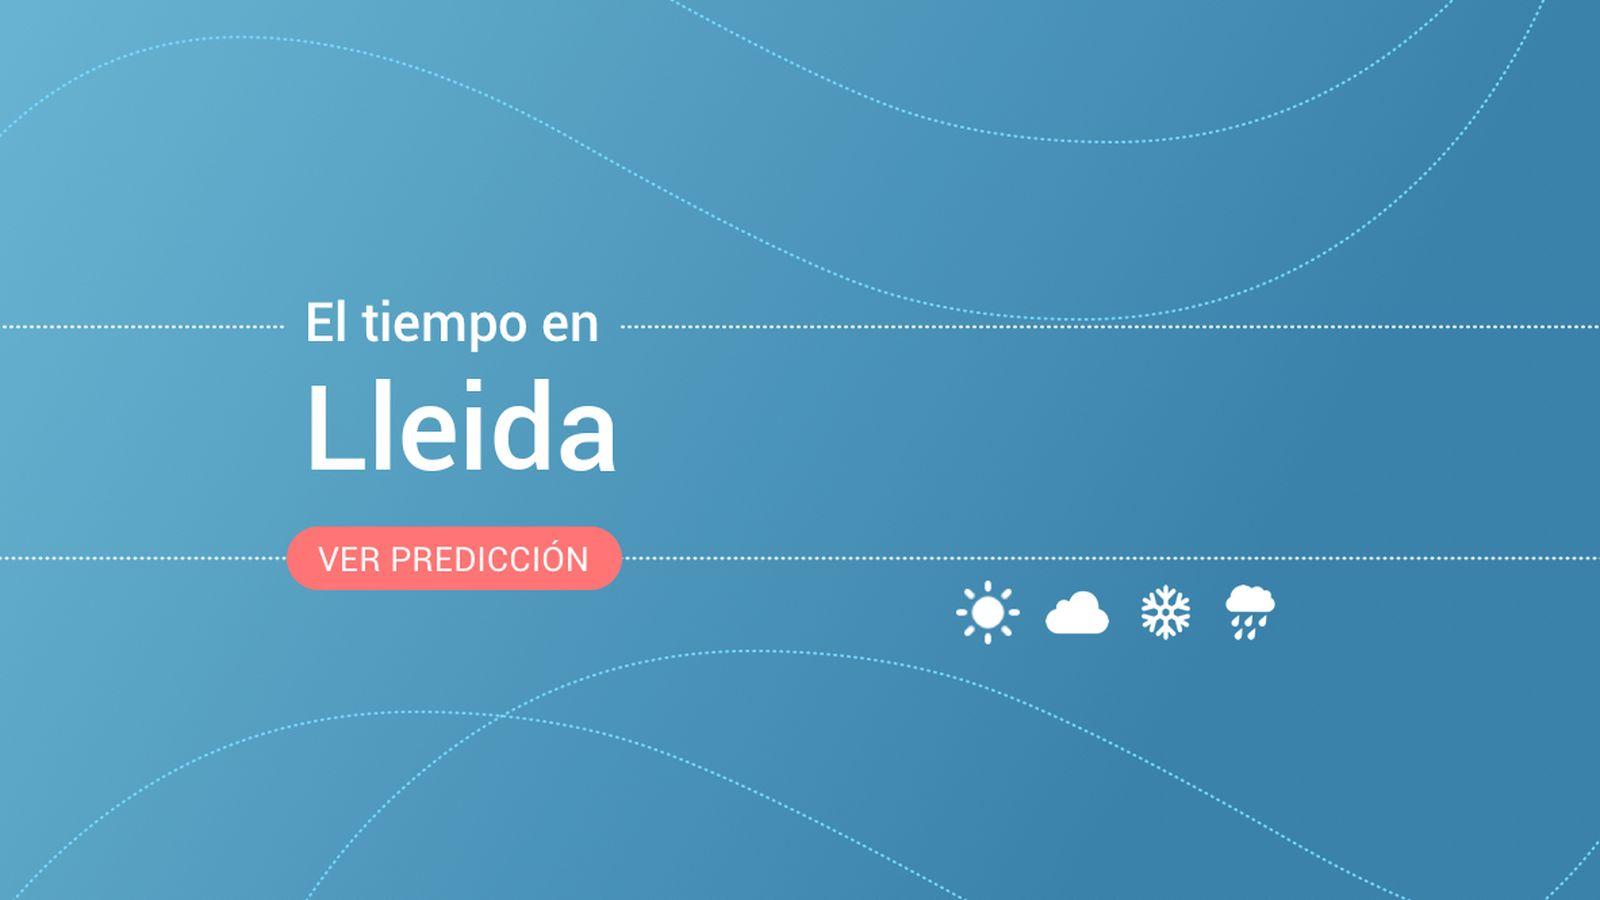 Foto: El tiempo en Lleida. (EC)